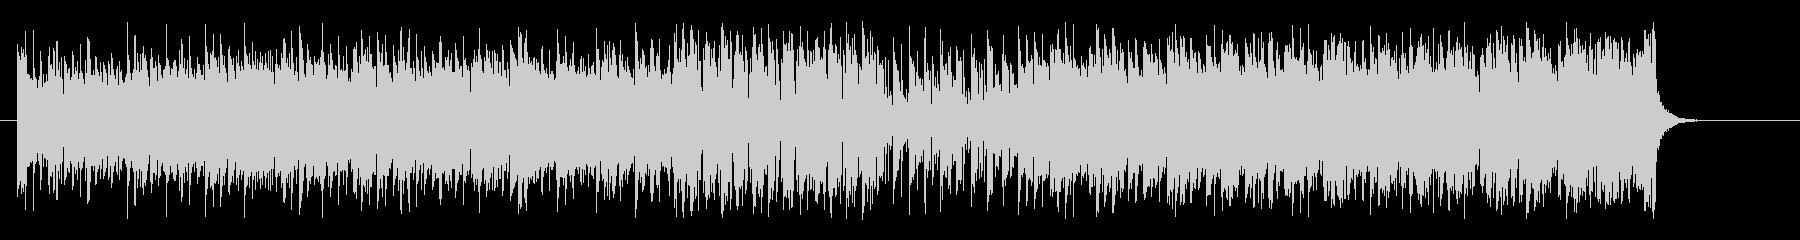 リズミカルなマイナーエレクトロシャッフルの未再生の波形